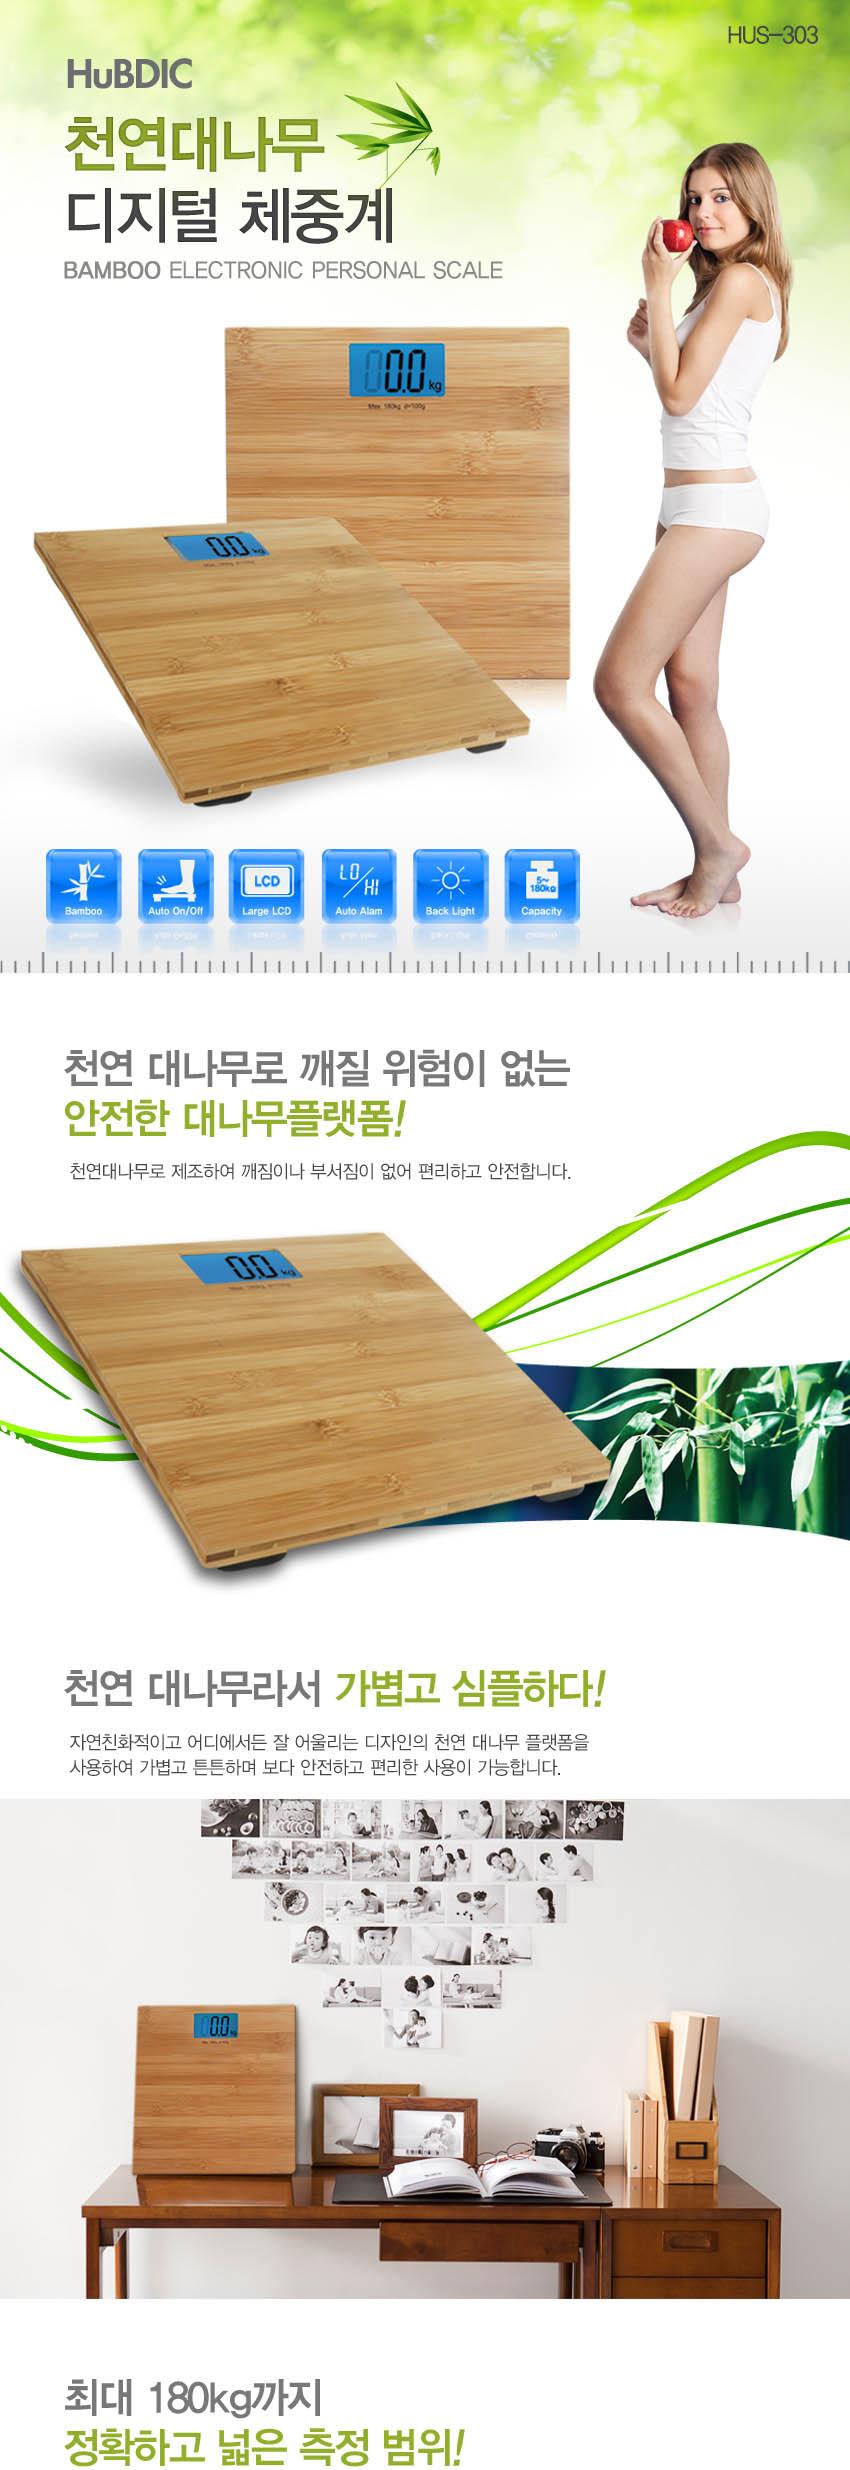 휴비딕 대나무 체중계 HUS-303